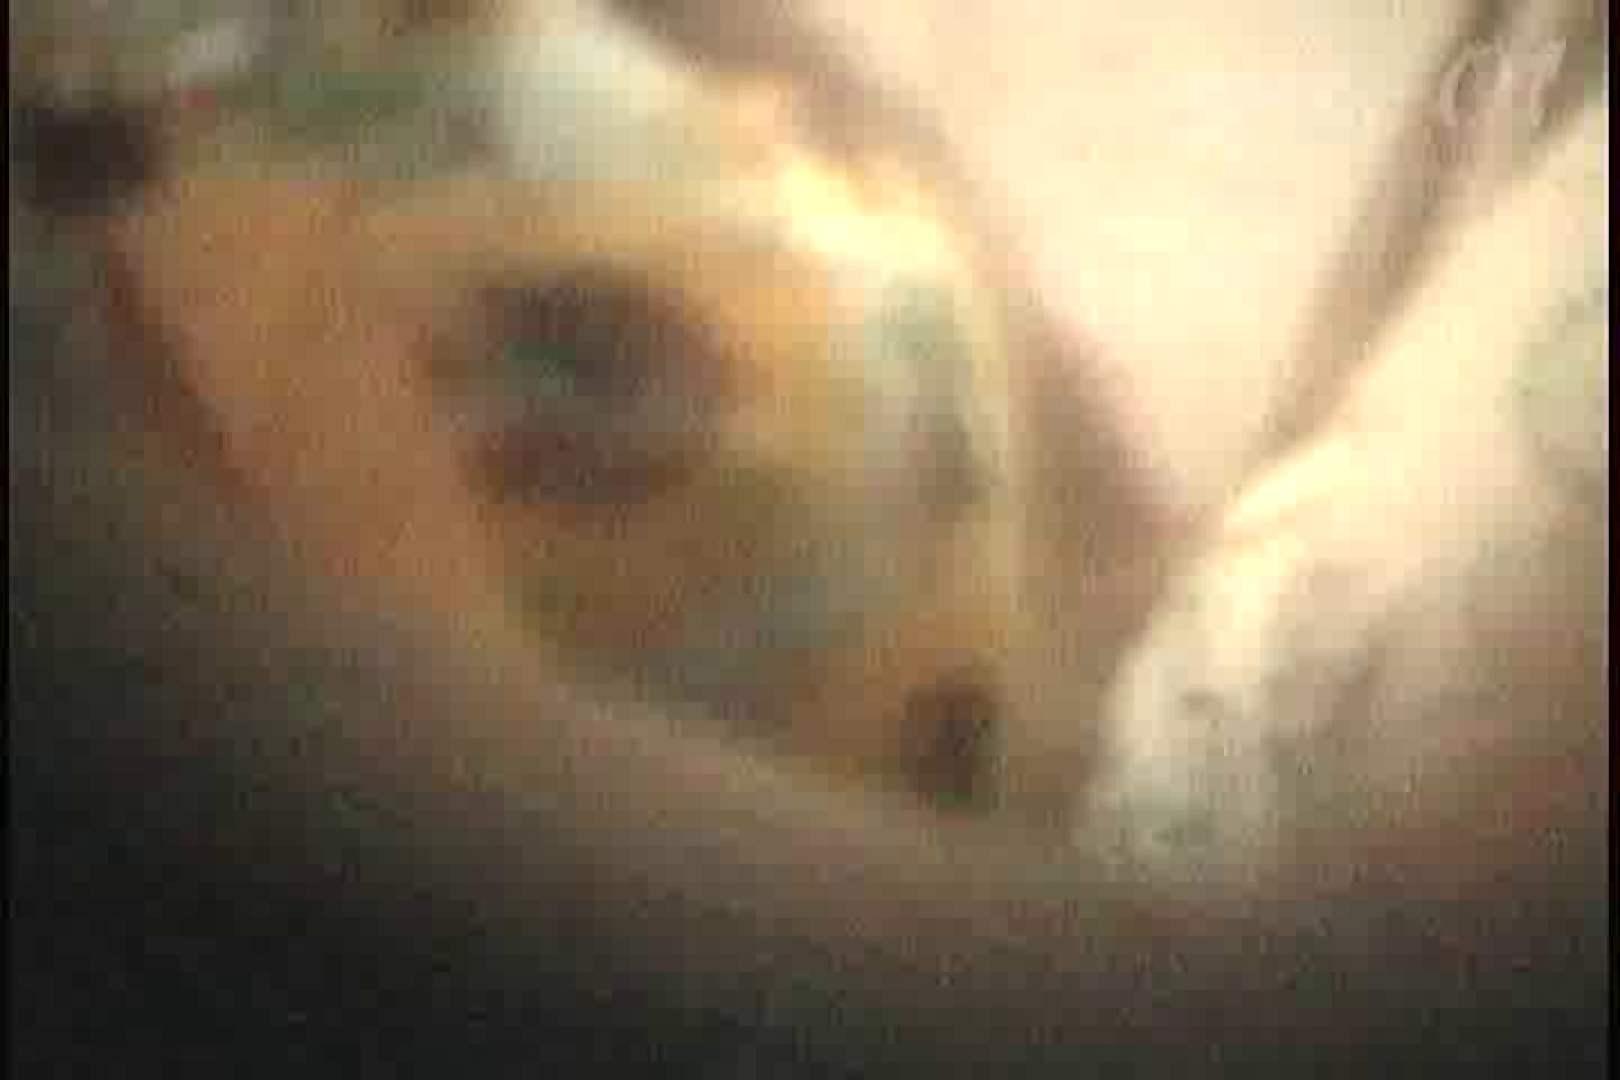 サターンさんのウル技炸裂!!夏乙女★海の家シャワー室絵巻 Vol.01 シャワー  92PIX 10